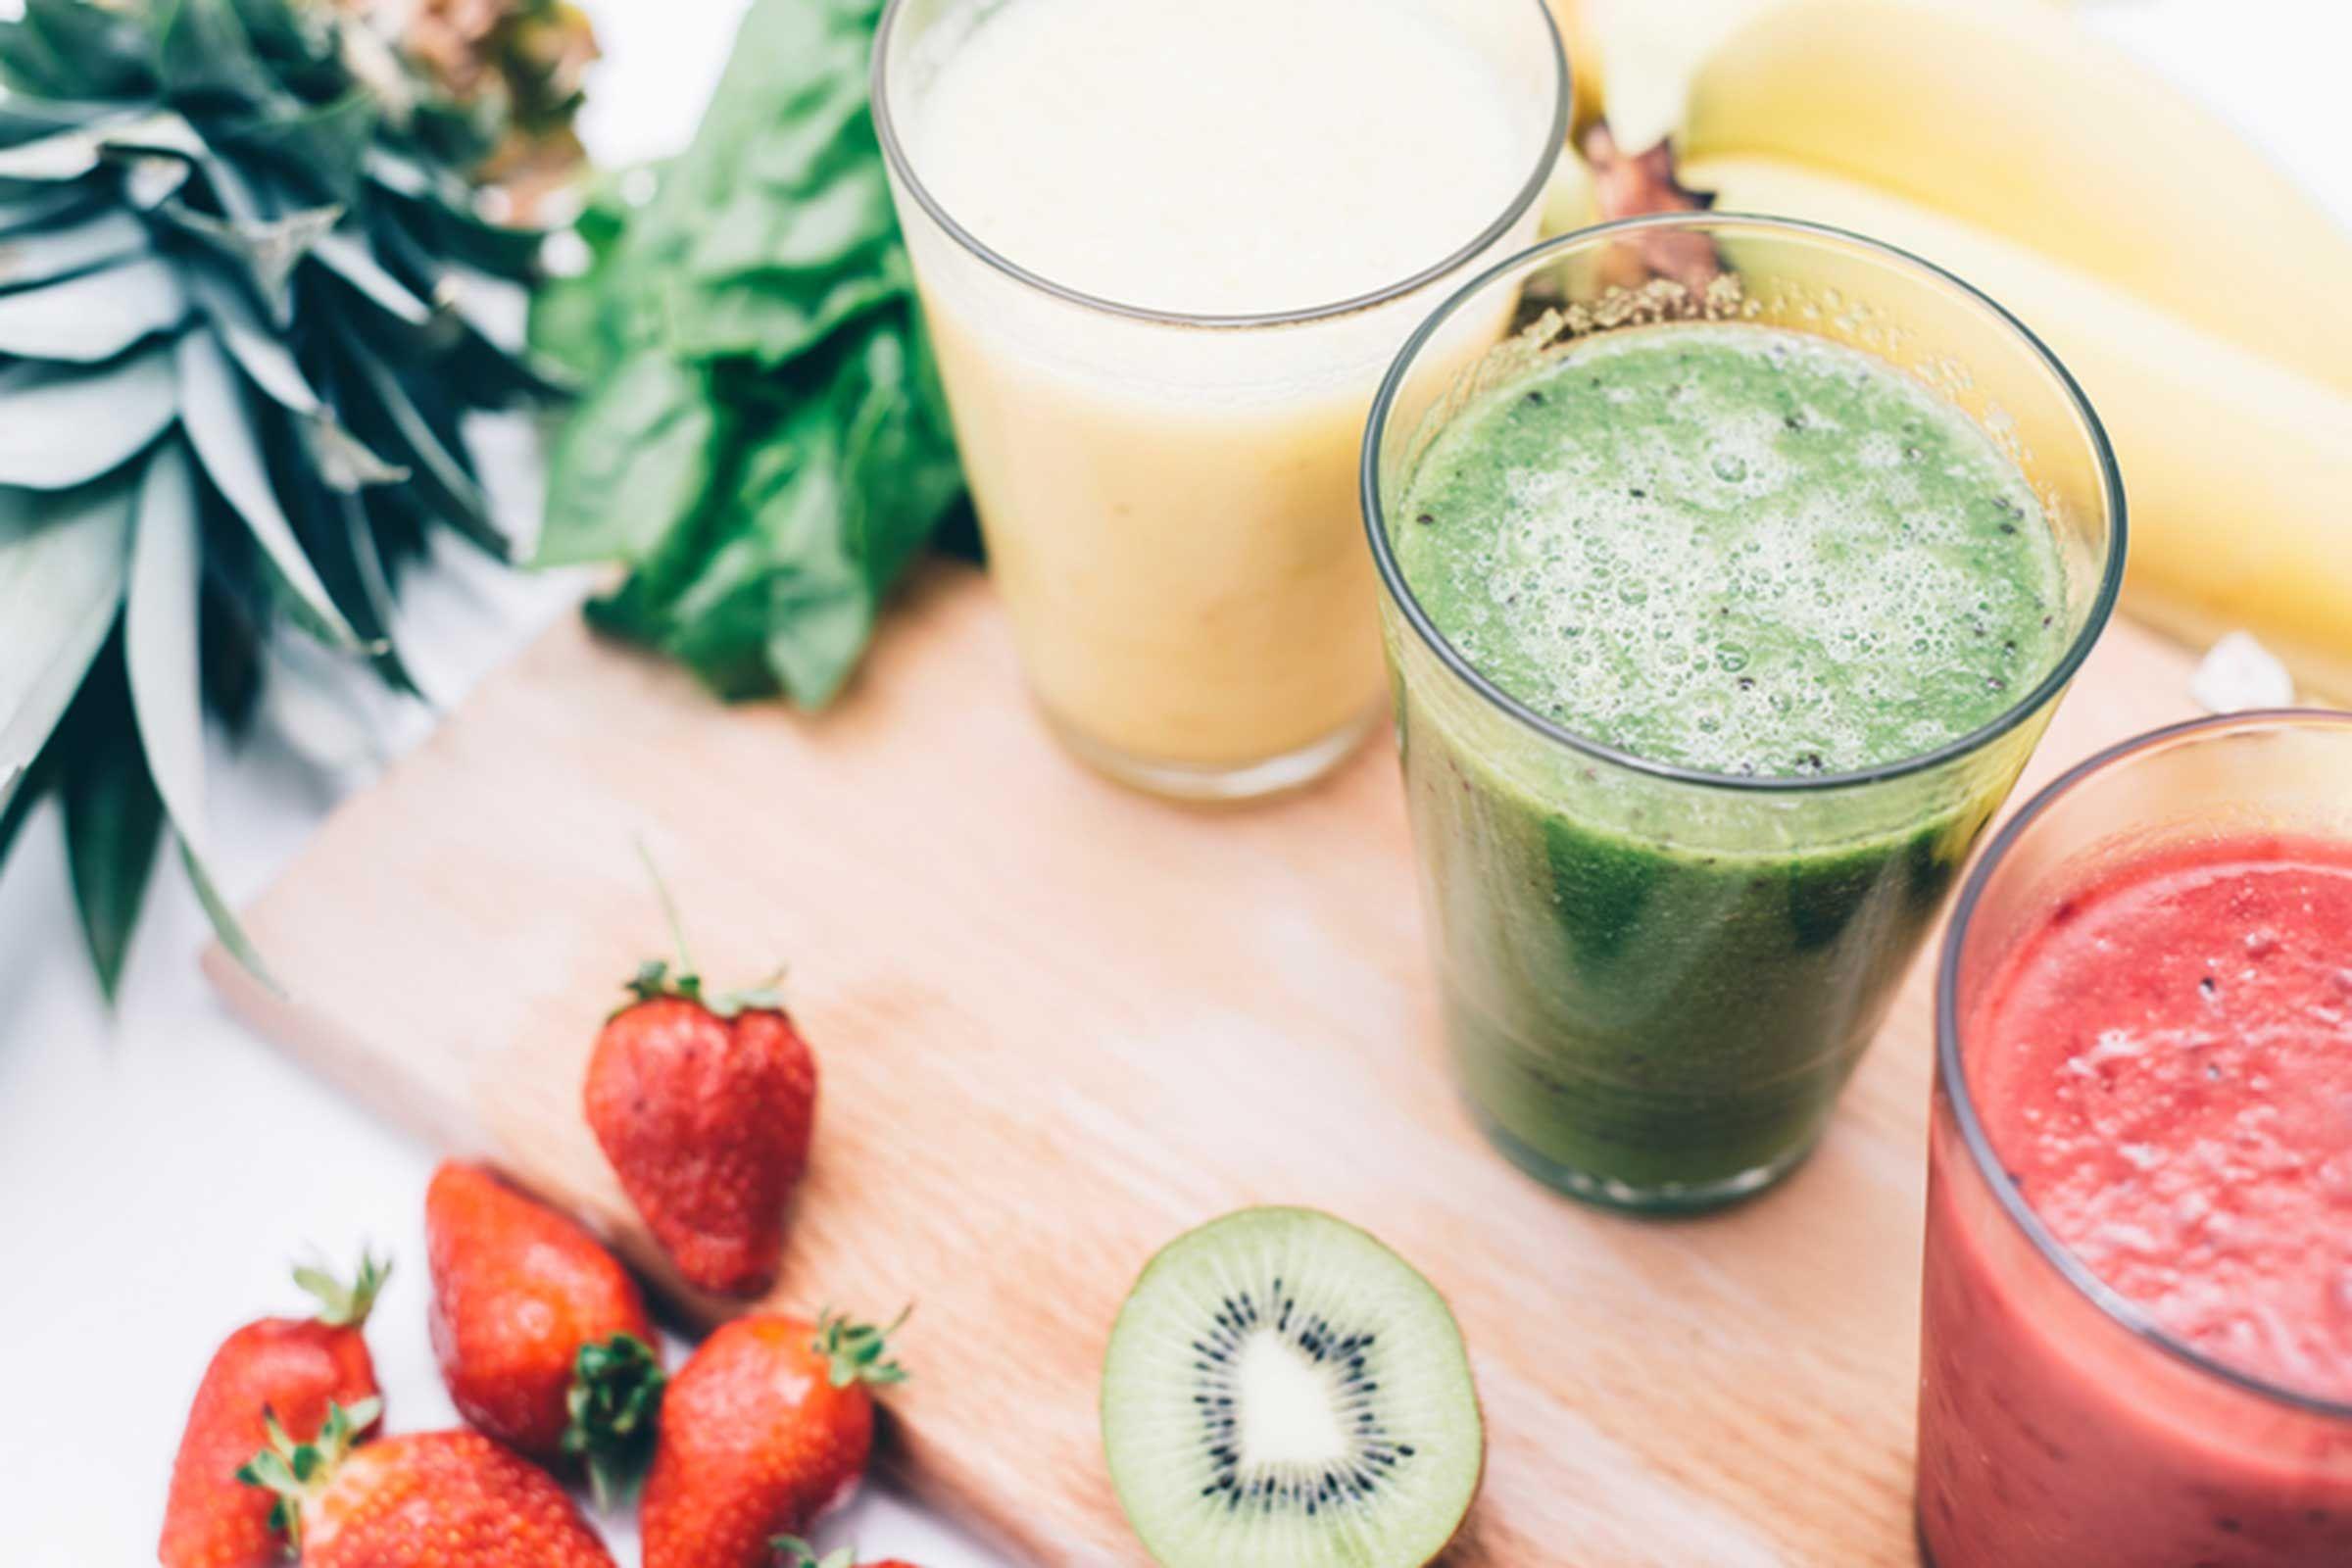 Виды Питьевых Диет. Питьевые диеты: иногда чтобы похудеть, надо не есть, а пить!